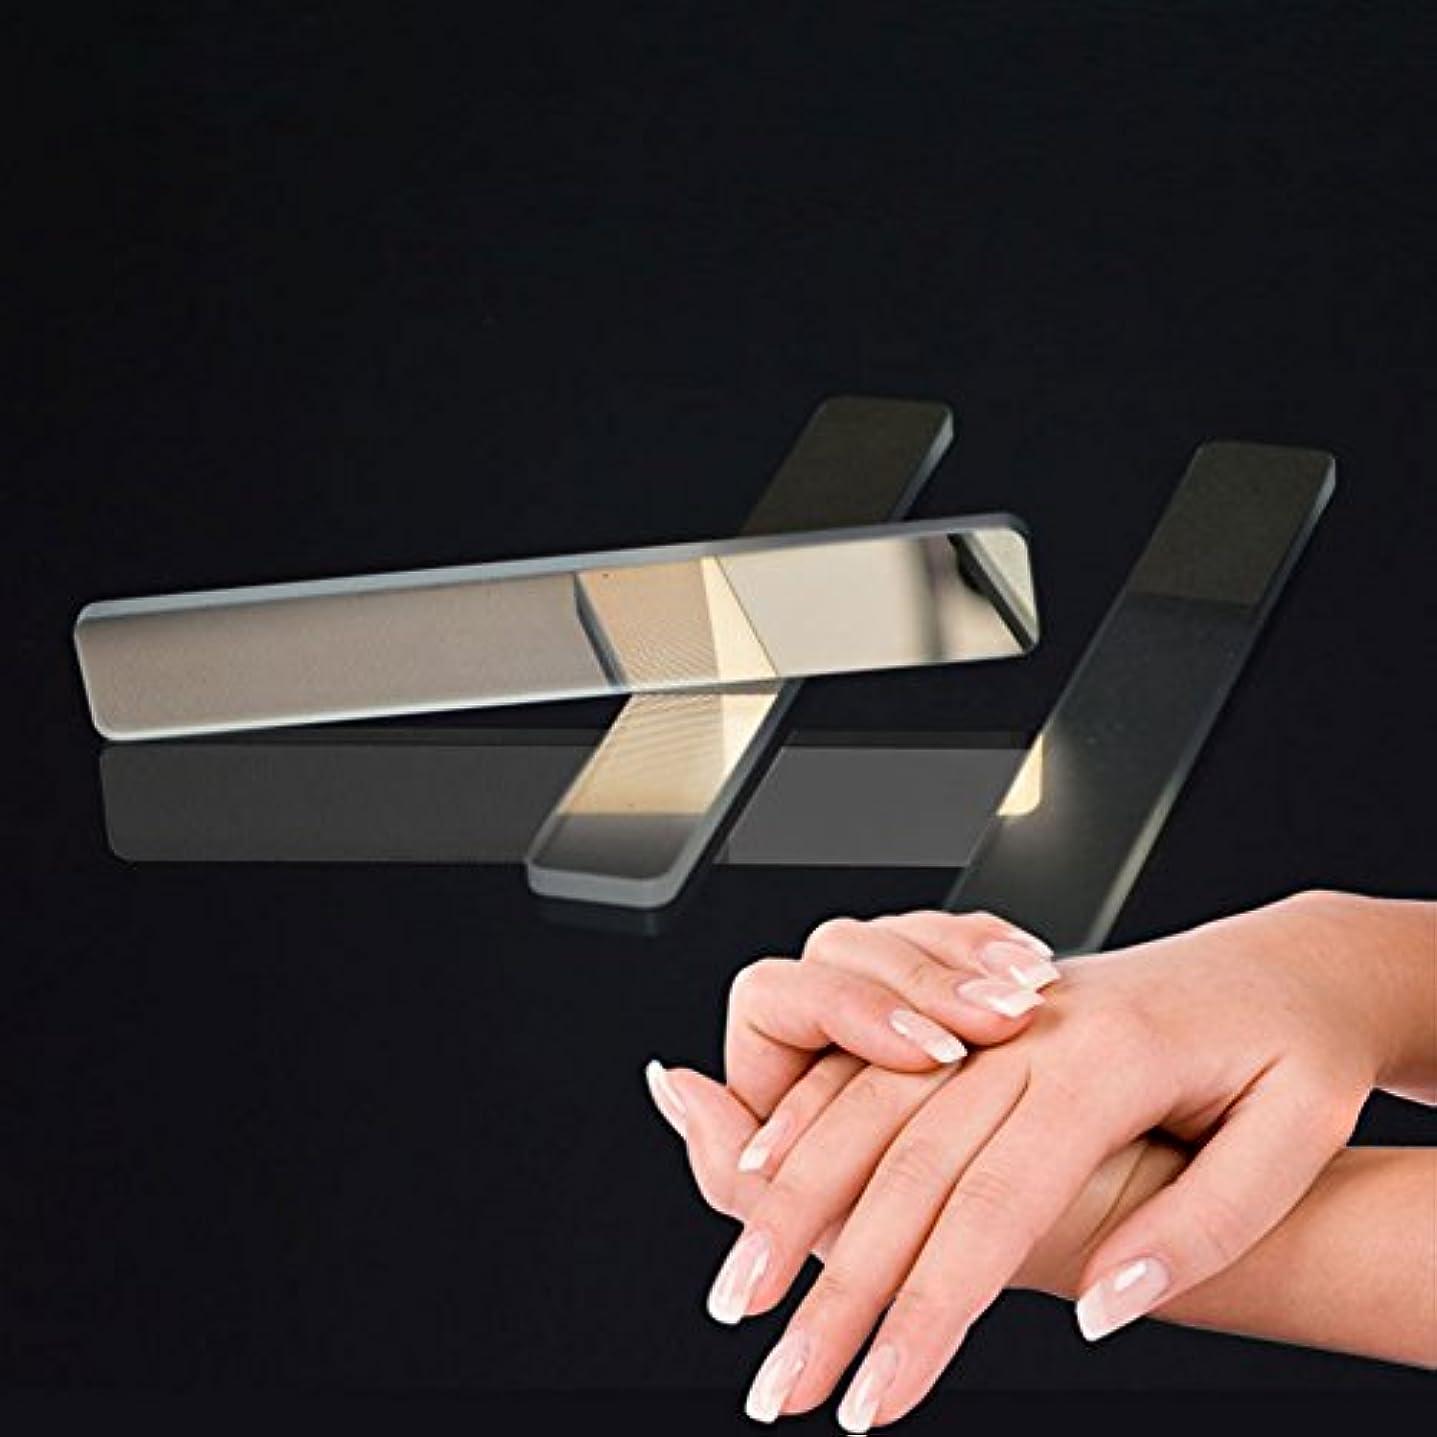 科学的権利を与える繁殖爪やすり WUUDI 爪磨き ガラス爪ヤスリ ネイルファイル ネイルシャイナー つめケア ガラス製 ネイルケア 甘皮処理 (白)